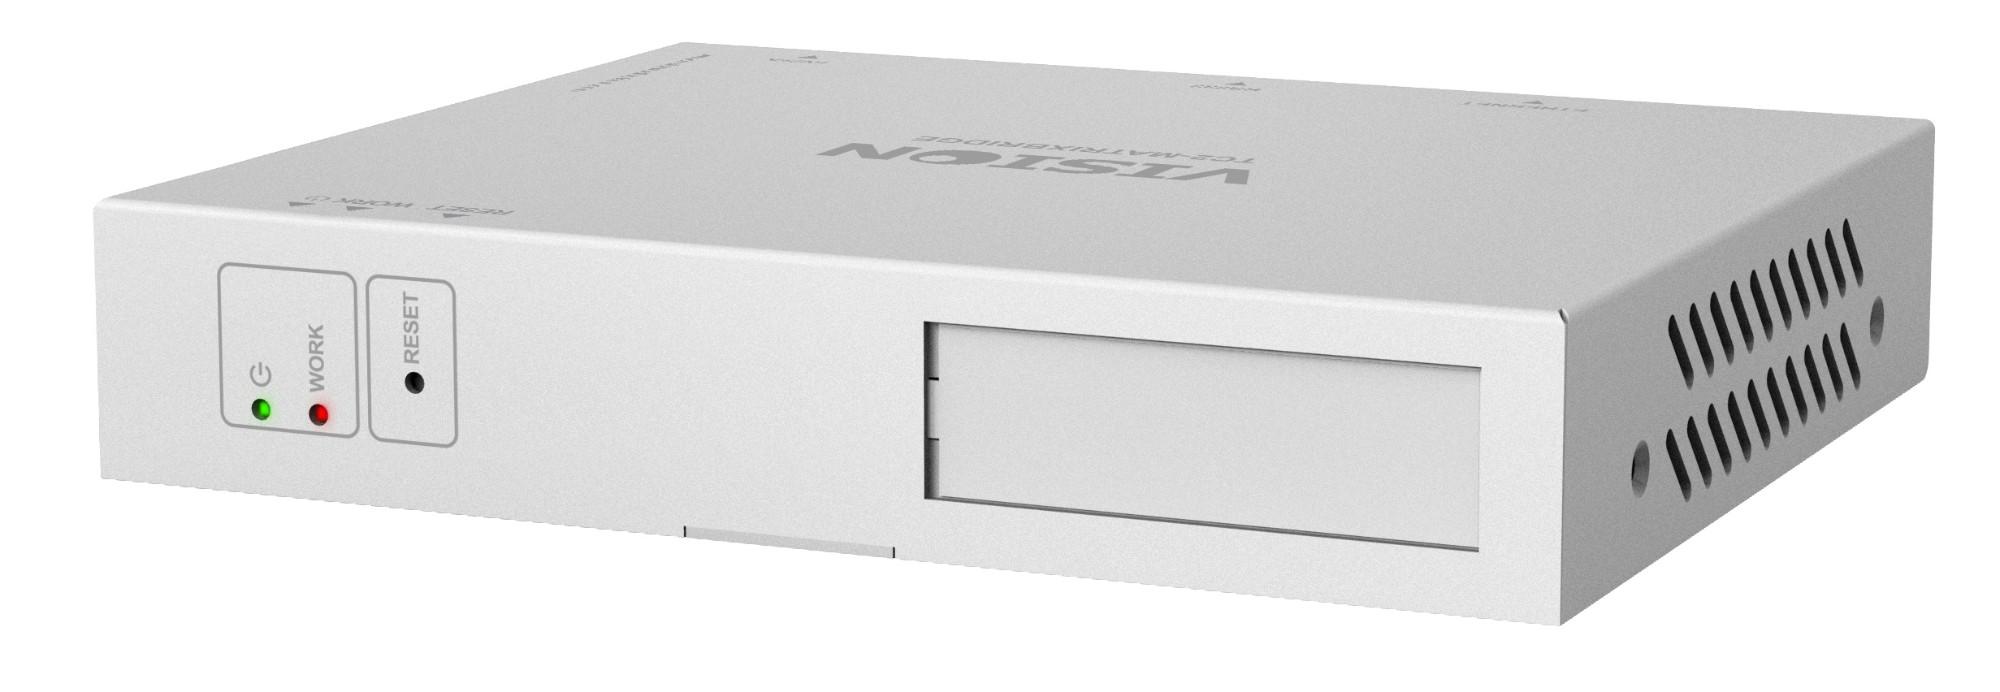 Vision TC2-MATRIXRX AV receiver White AV extender